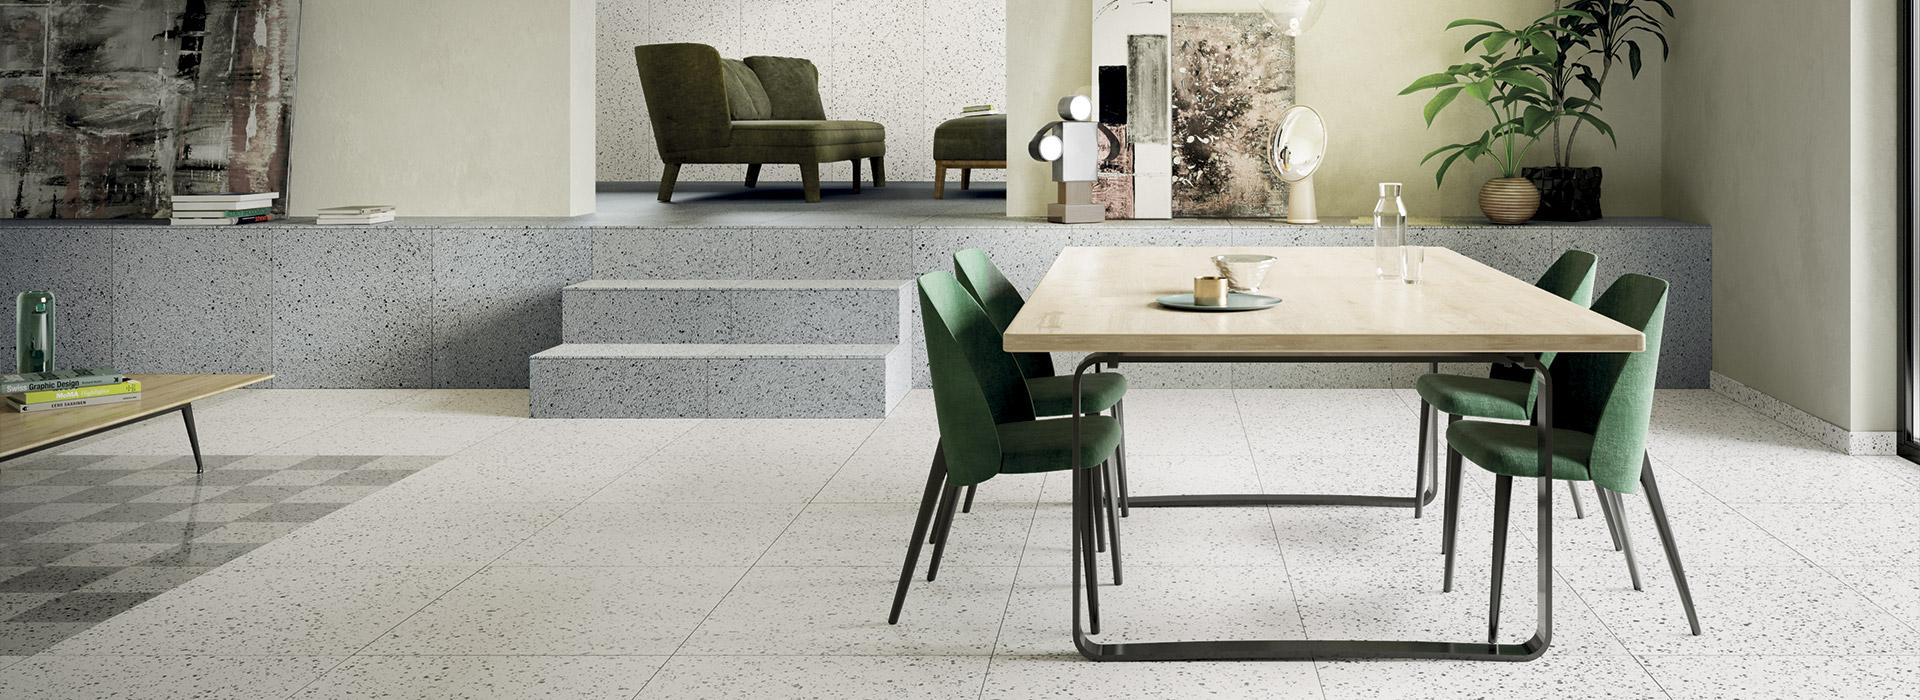 Gres Porcelanico Para Interiores Y Exteriores Modernos Fmg - Pavimentos-modernos